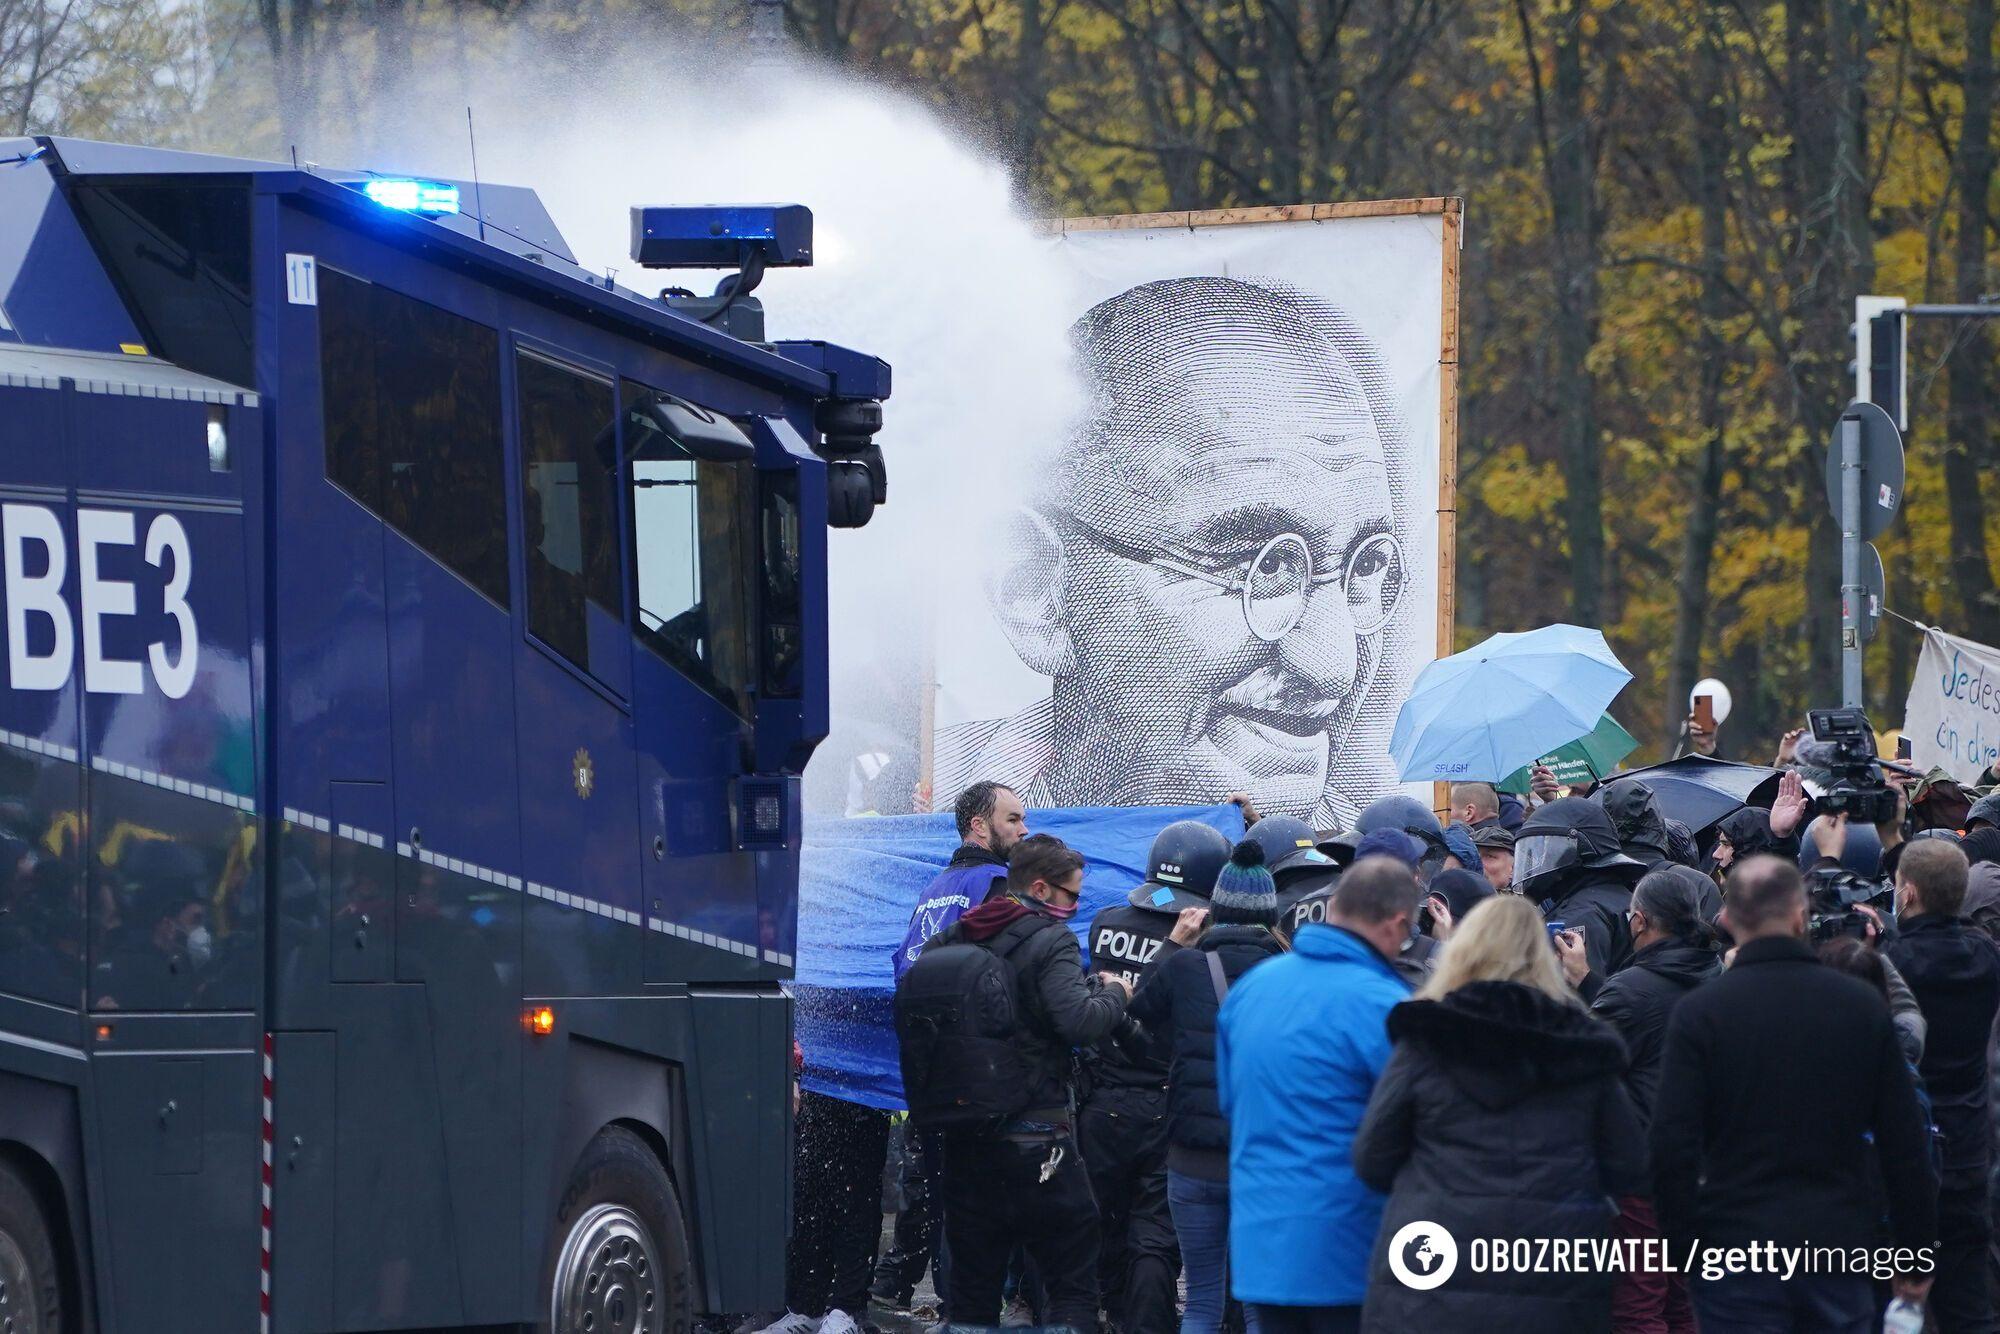 Применение водометов против демонстрантов в Берлине.